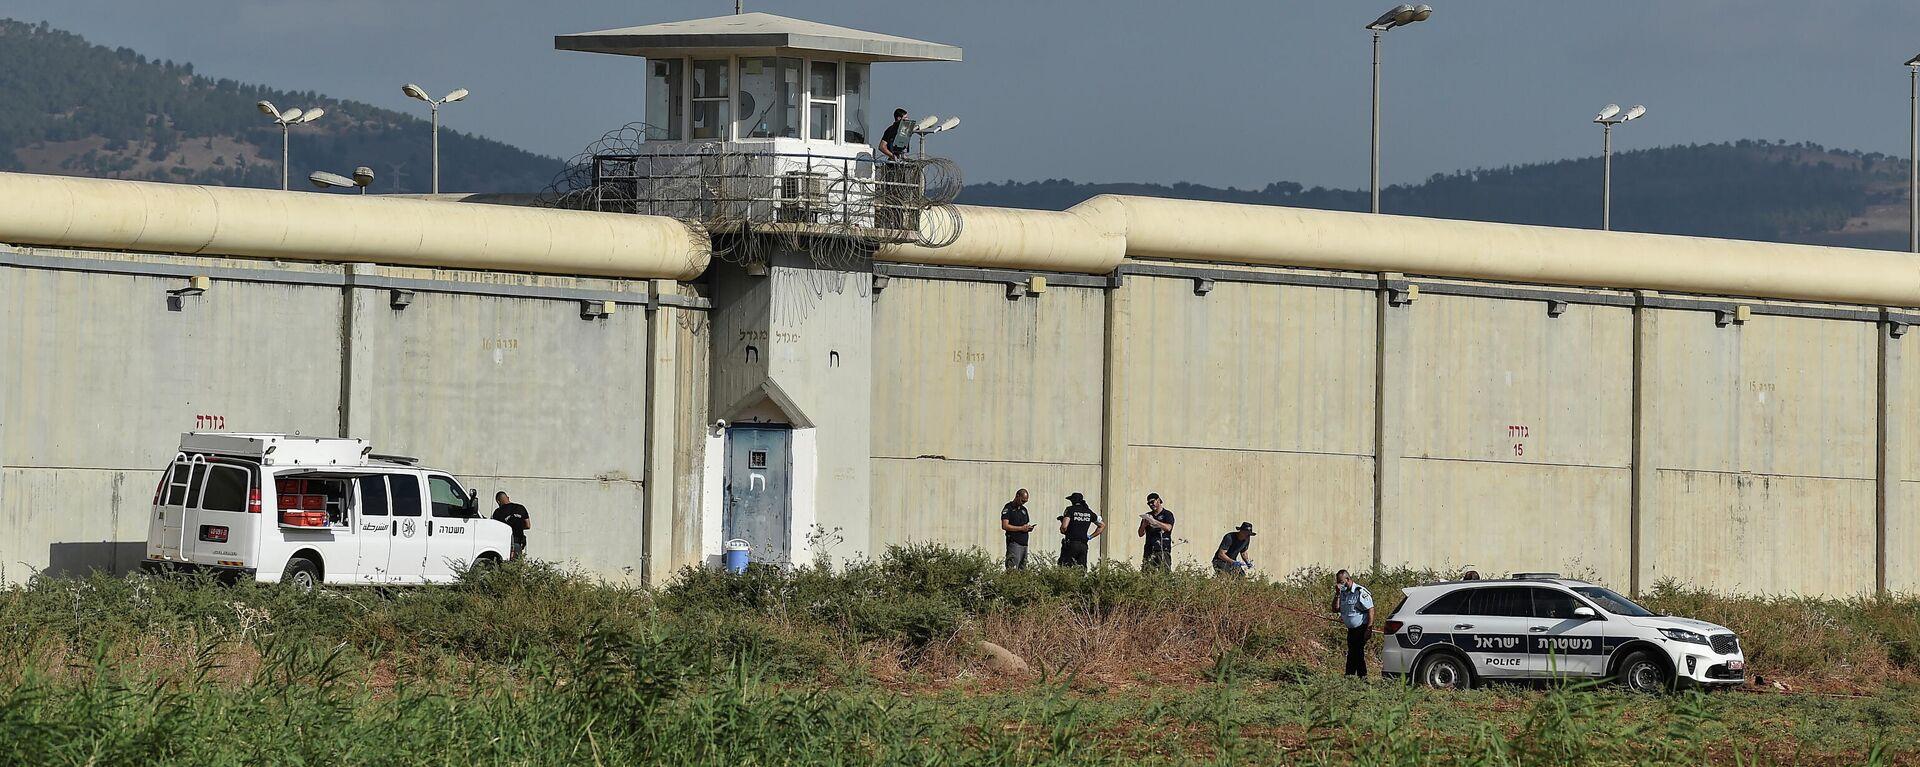 Altı Filistinlinin tünel kazarak kaçtığı İsrail'deki Gilboa yüksek güvenlikli cezaevi - Sputnik Türkiye, 1920, 06.09.2021